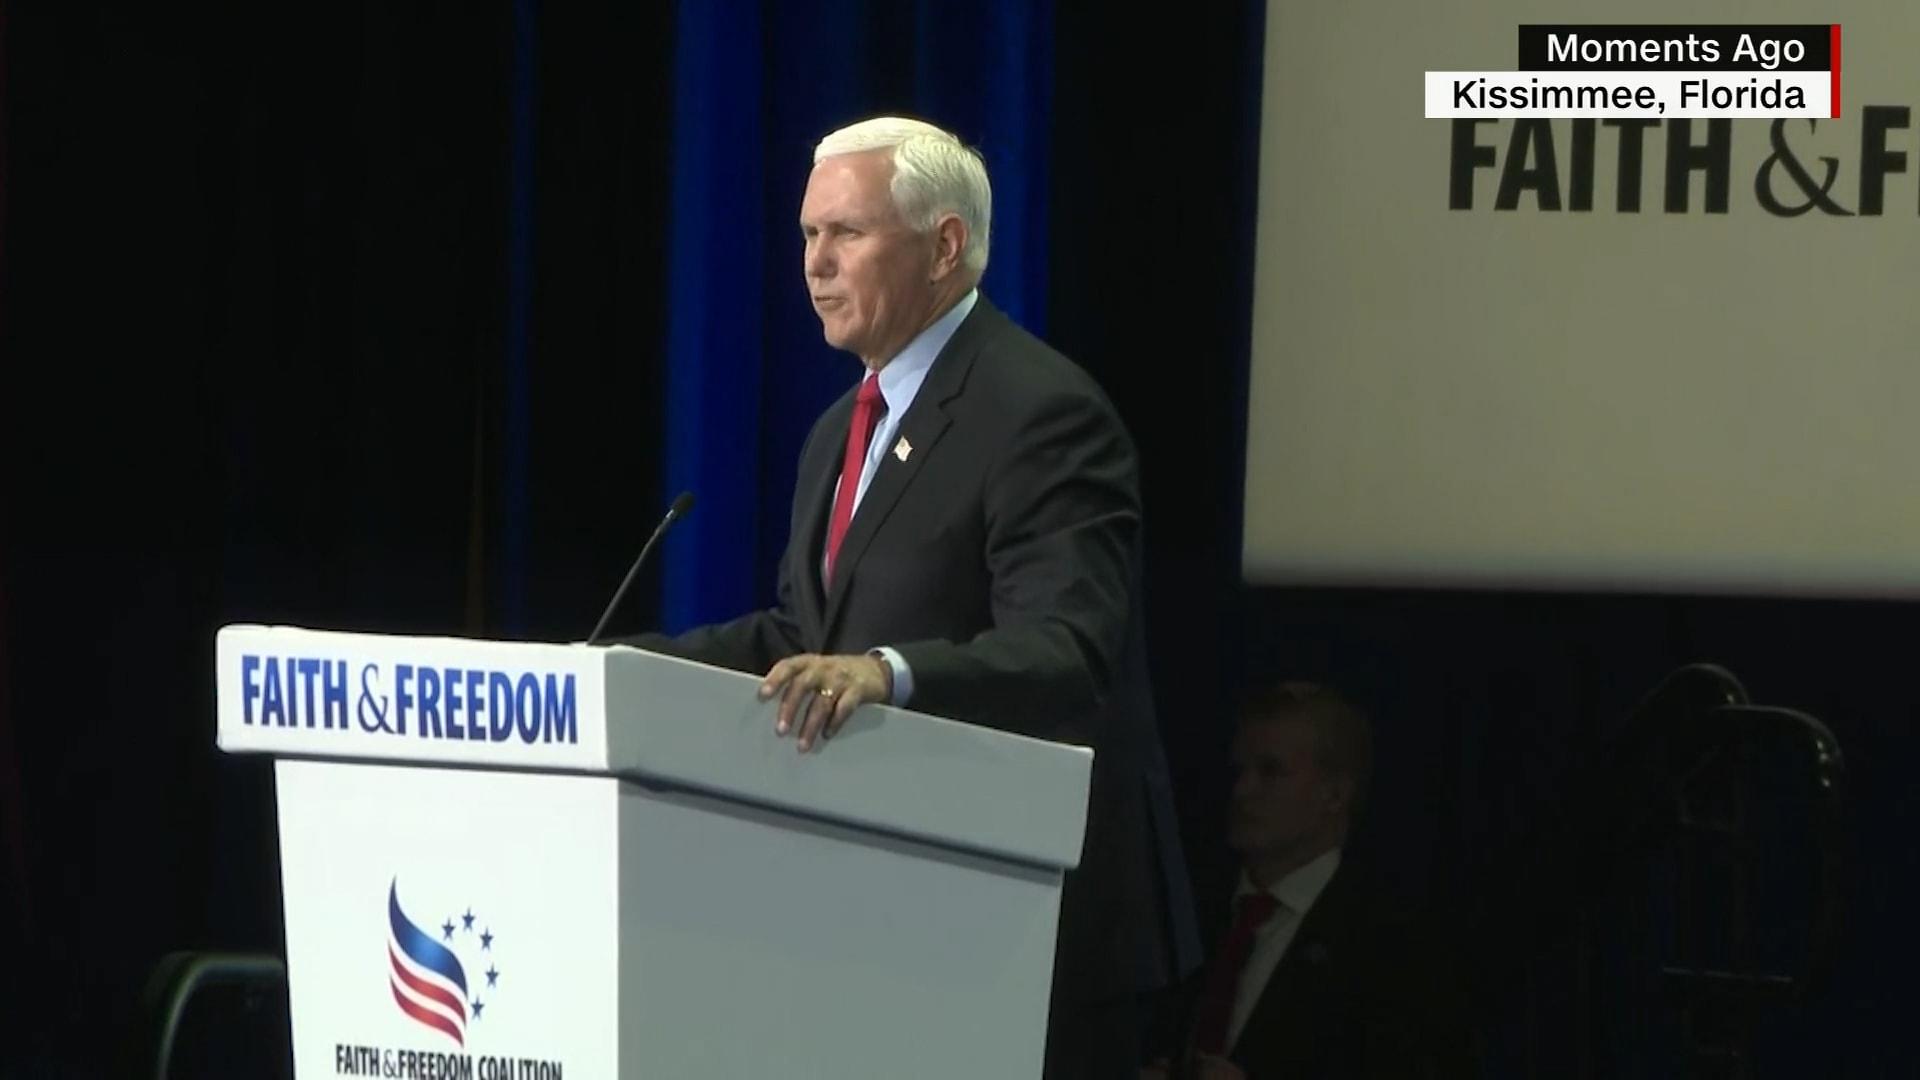 مايك بنس يتعرض لمضايقات مؤيدي ترامب بخطابه في مؤتمر للمحافظين